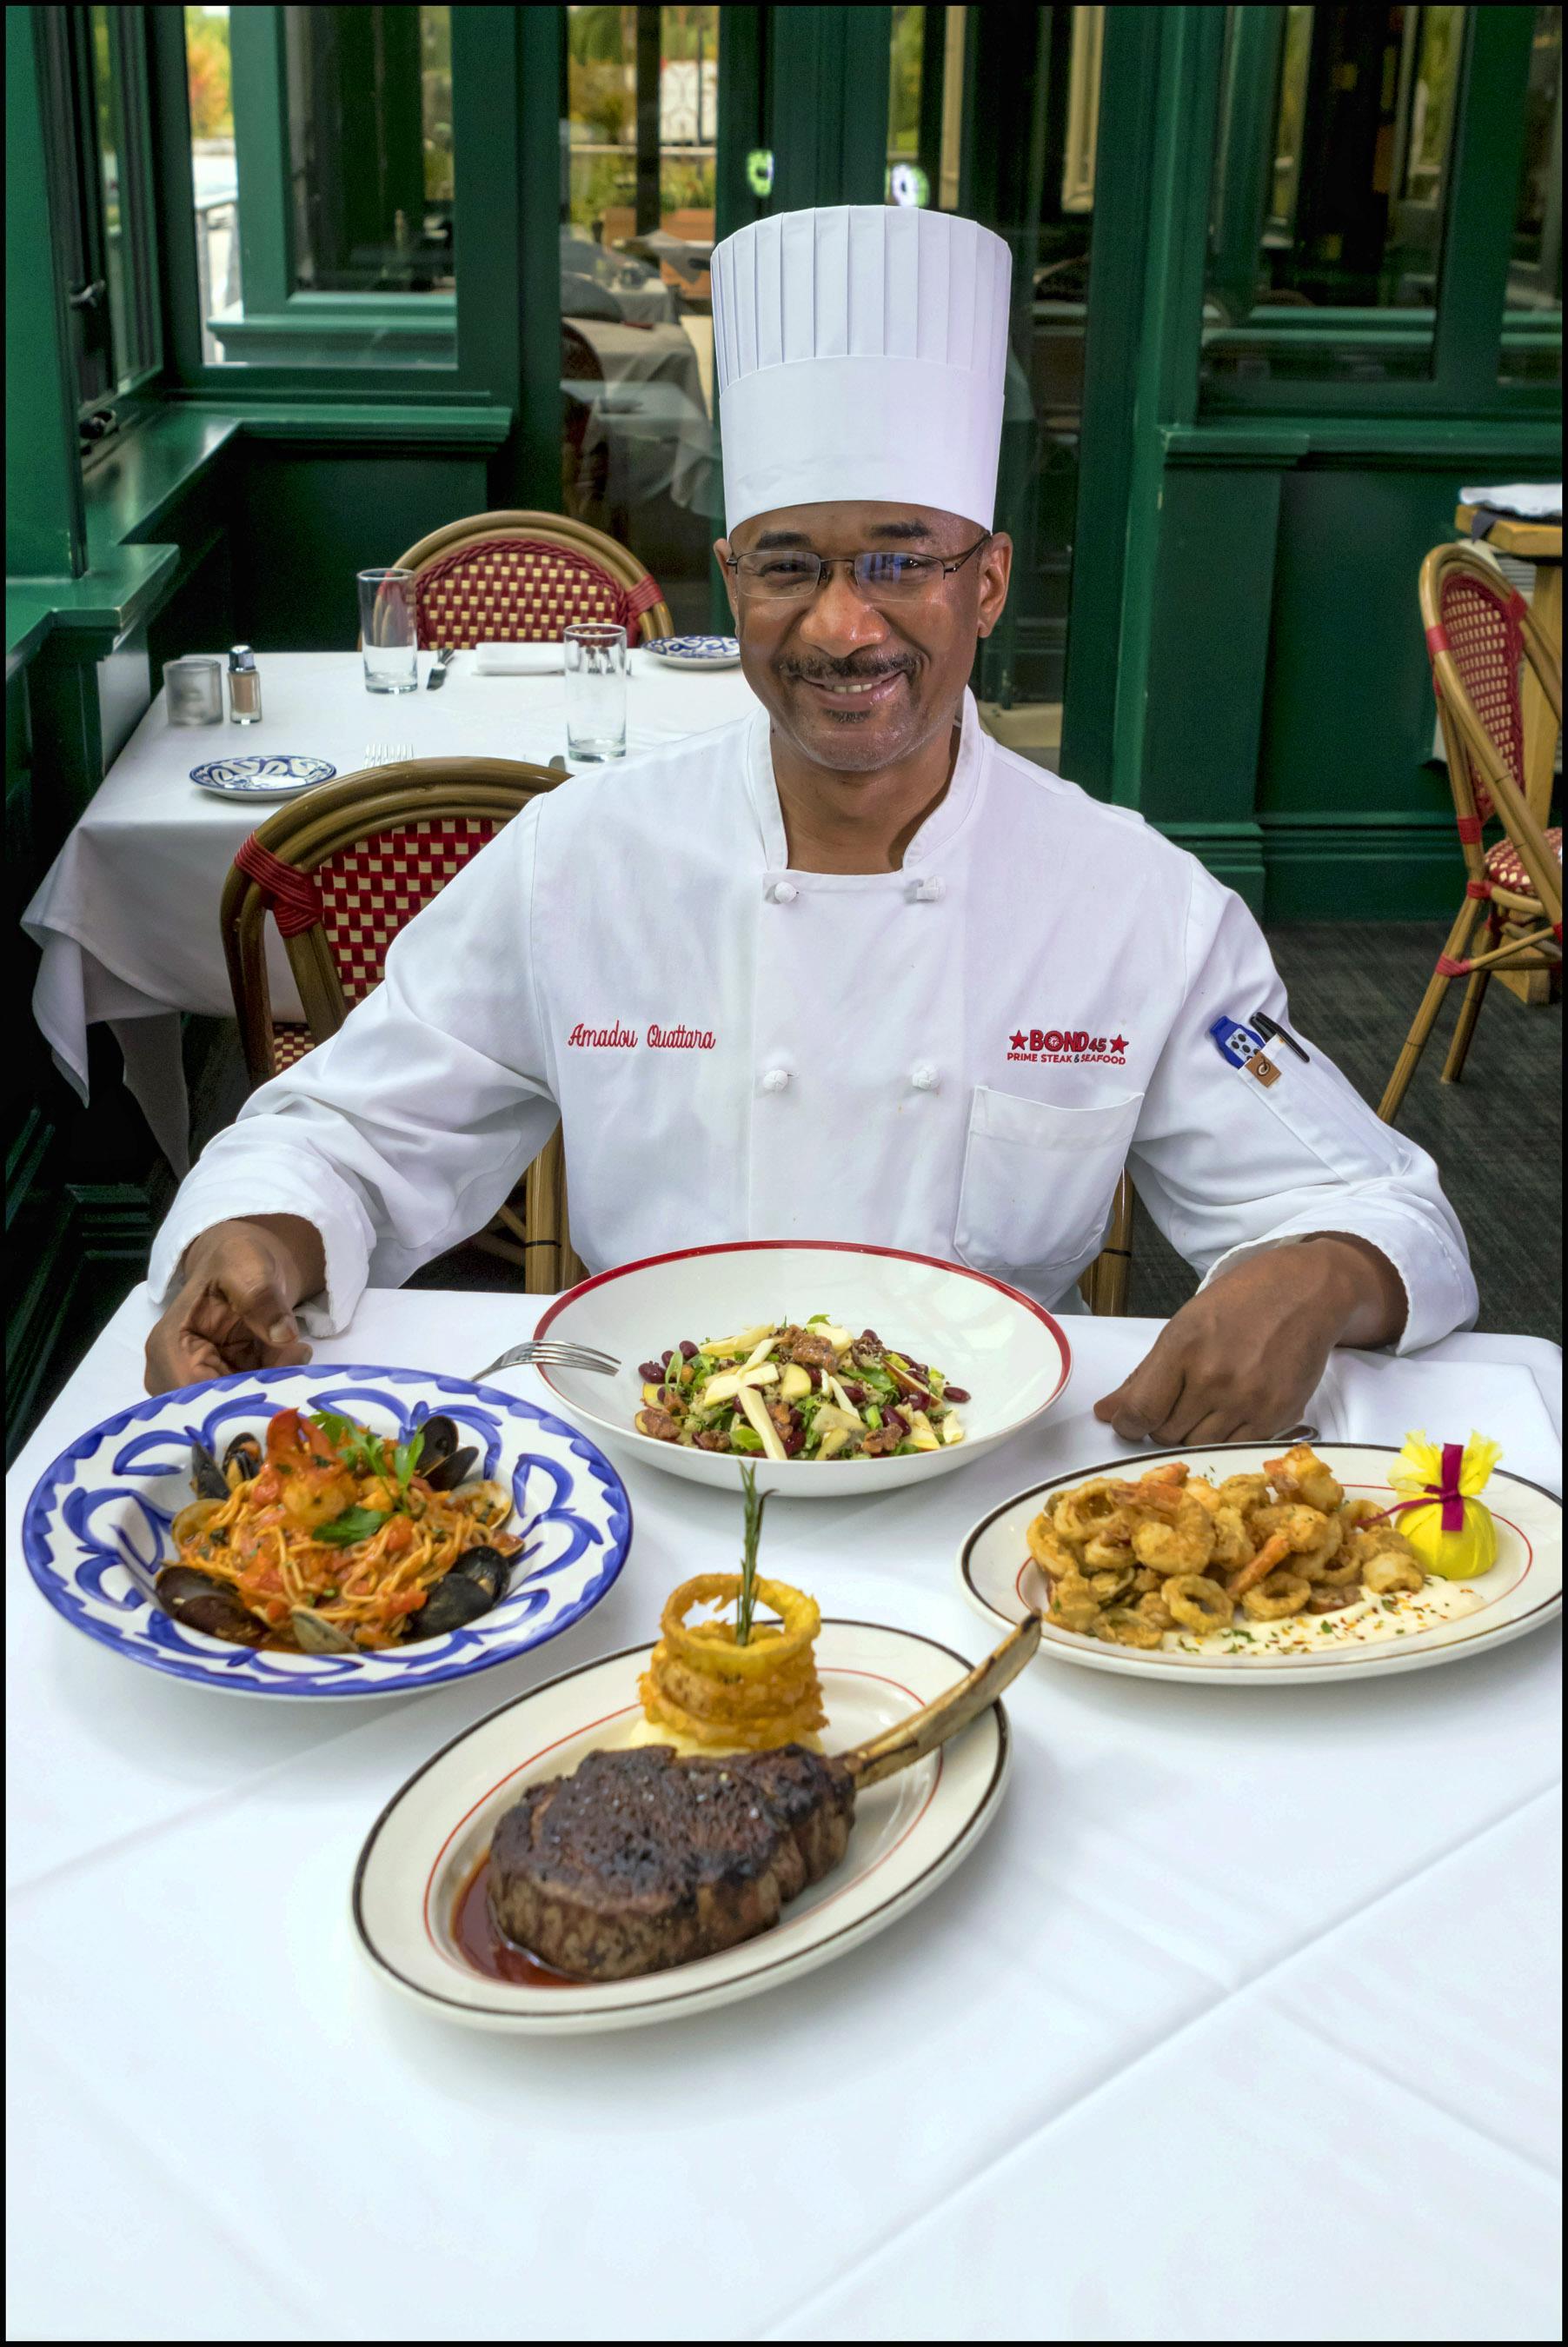 Chef Amadou Quattara